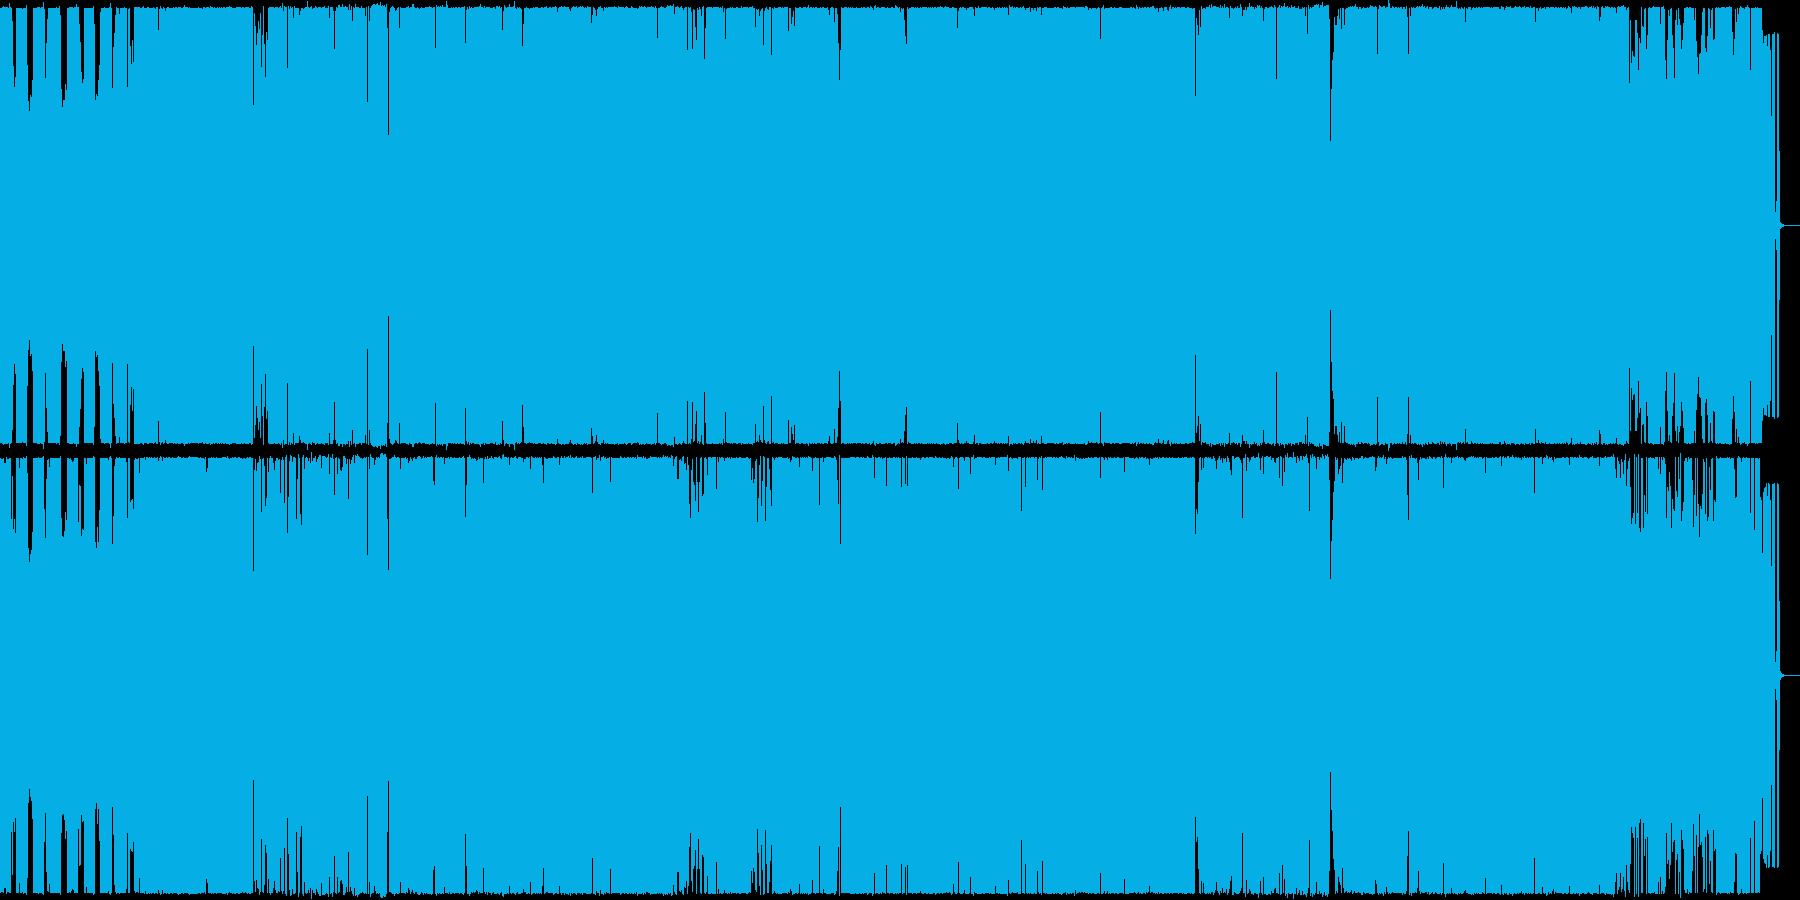 dubstep(ダブステップ)アレンジの再生済みの波形